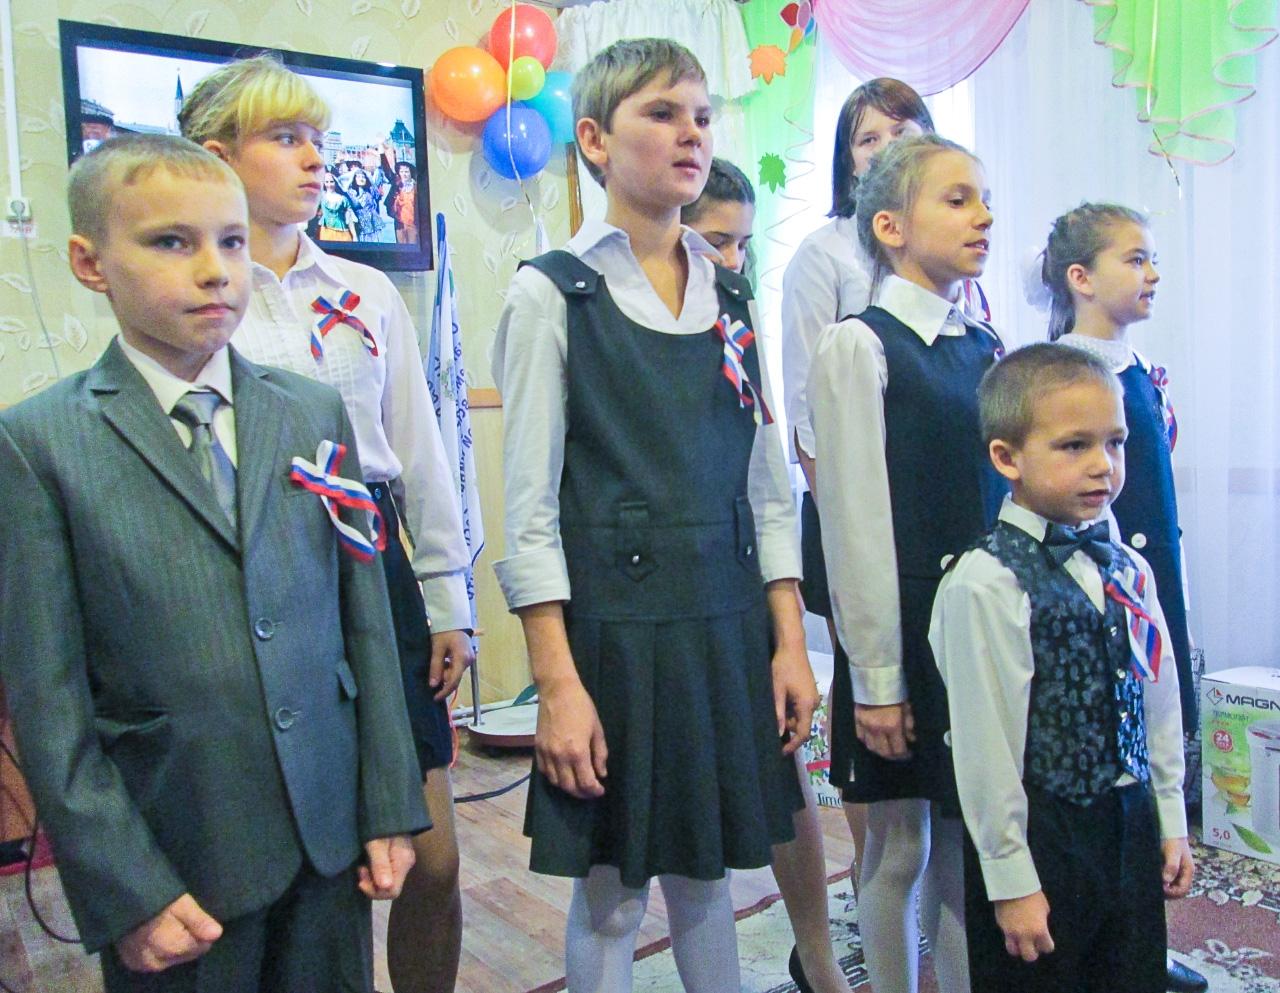 Музыкальное поздравление к празднику в исполнении воспитанников приюта при  ОКУ «Льговский центр соцпомощи»